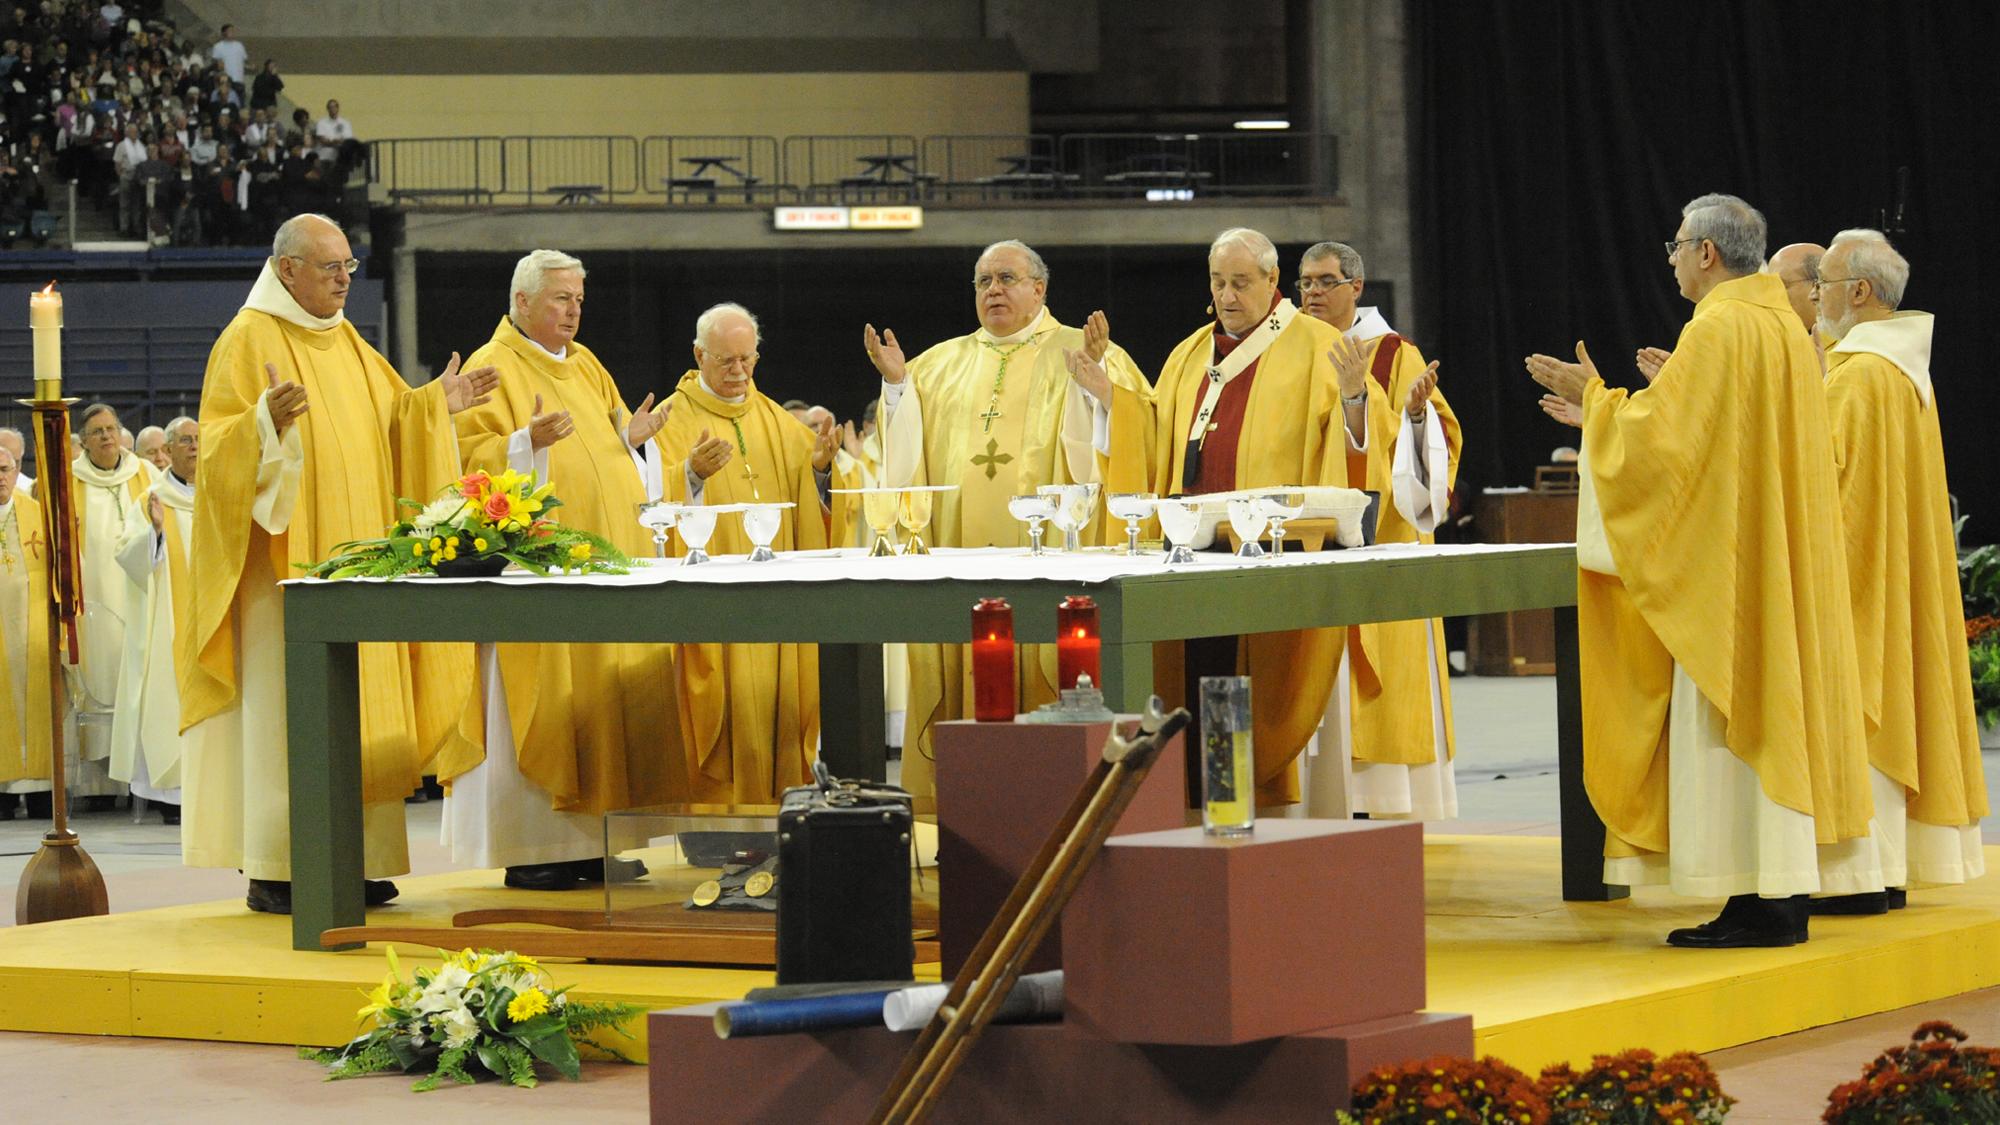 Un évènement grandiose qui a marqué ma vie et celle de la famille de Sainte-Croix